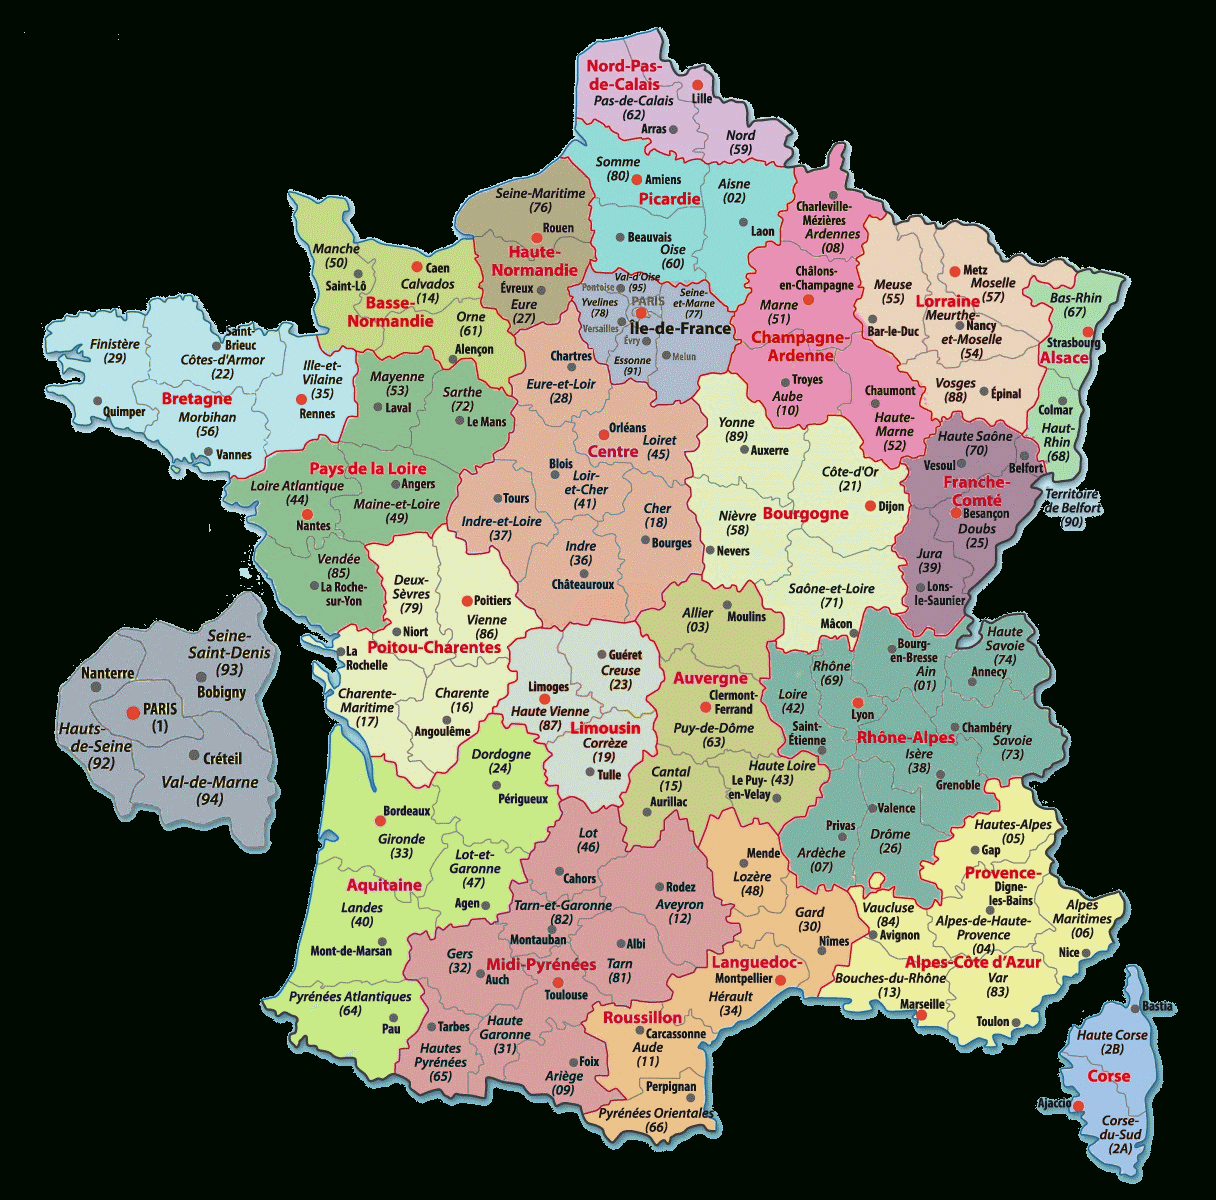 Carte De France Departements : Carte Des Départements De France intérieur Carte De France A Imprimer